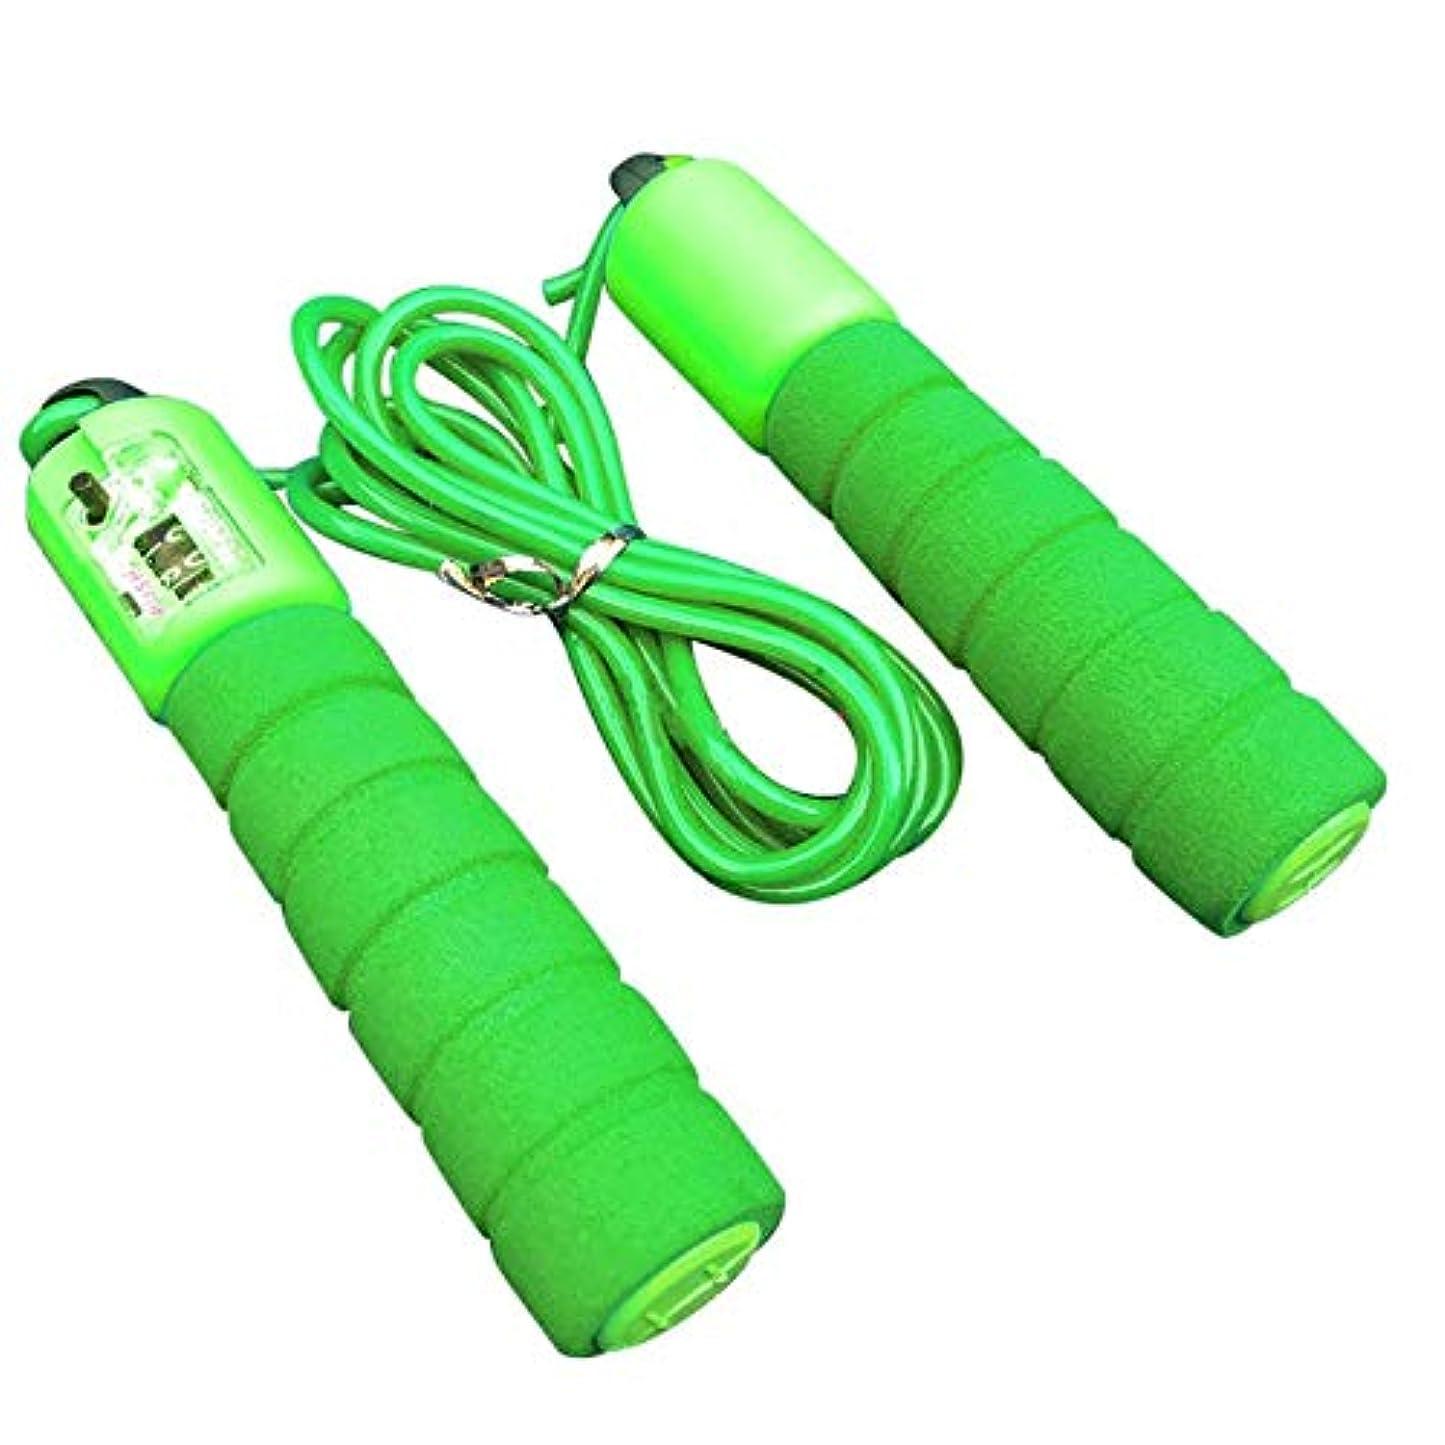 アトラス形式毛細血管調節可能なプロフェッショナルカウント縄跳び自動カウントジャンプロープフィットネス運動高速カウントジャンプロープ - グリーン